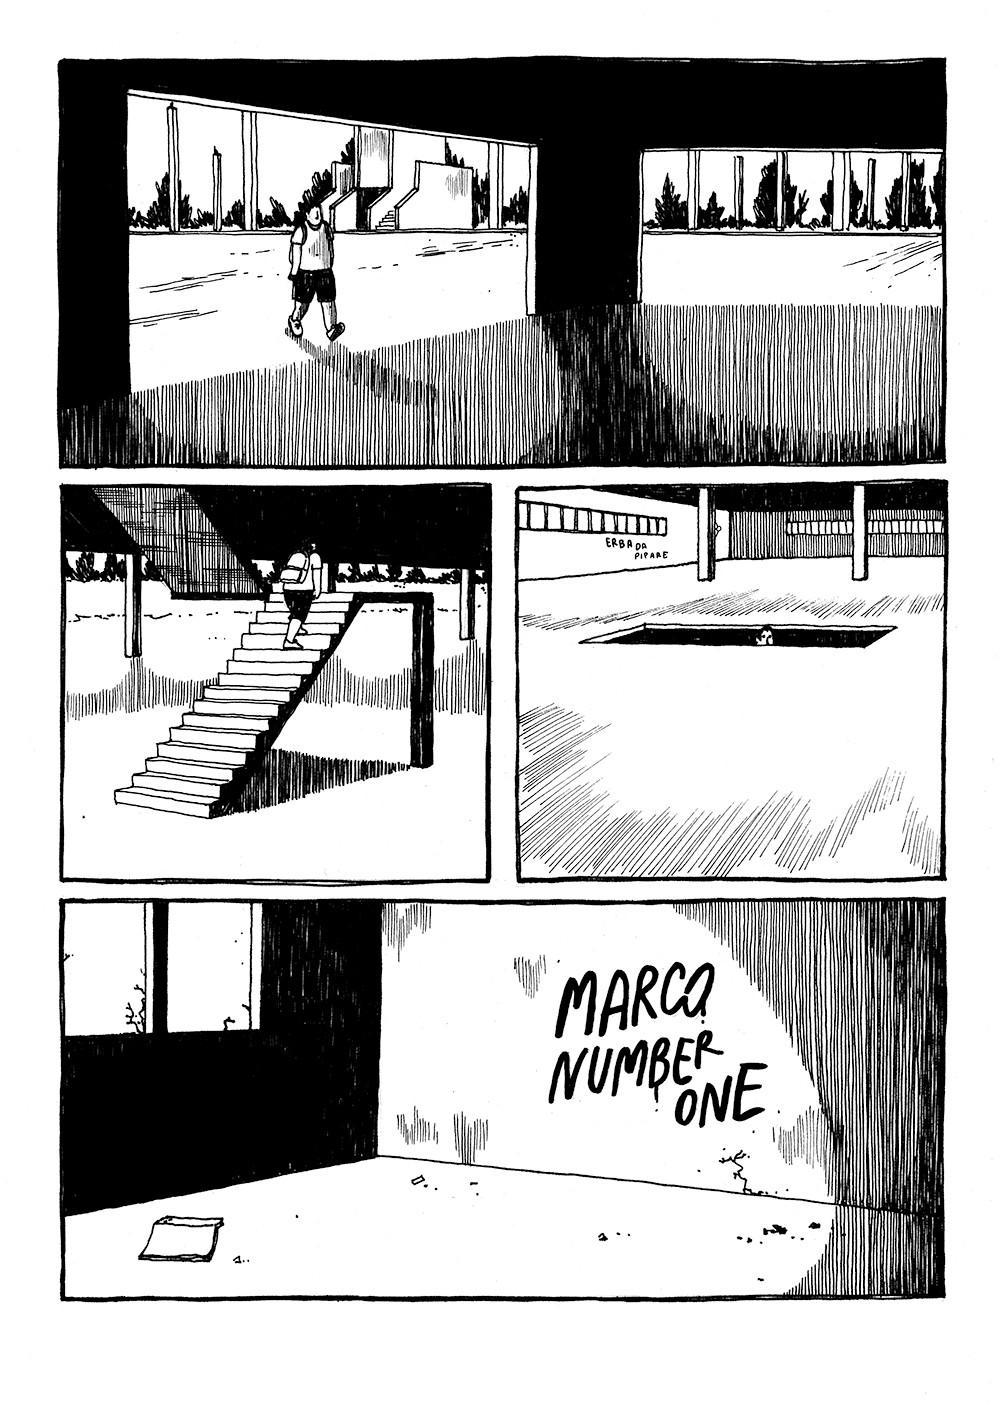 malibu marco number one